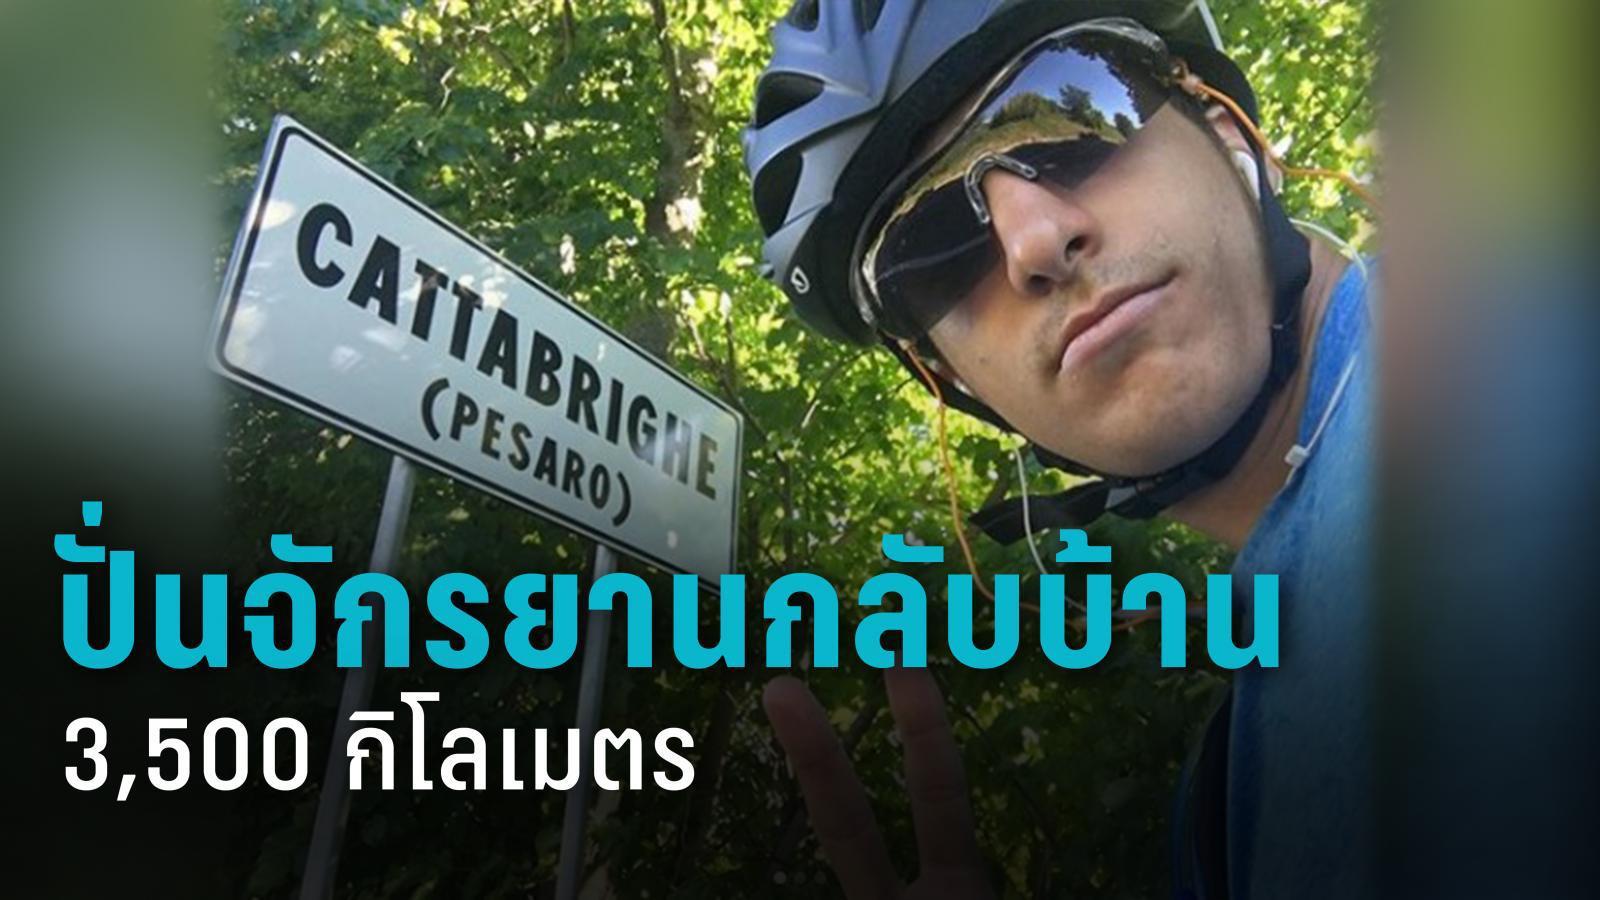 นักศึกษากรีกใช้เวลา 48 วันปั่นจักรยานกลับบ้าน หลังเที่ยวบินถูกยกเลิกเพราะโควิด-19